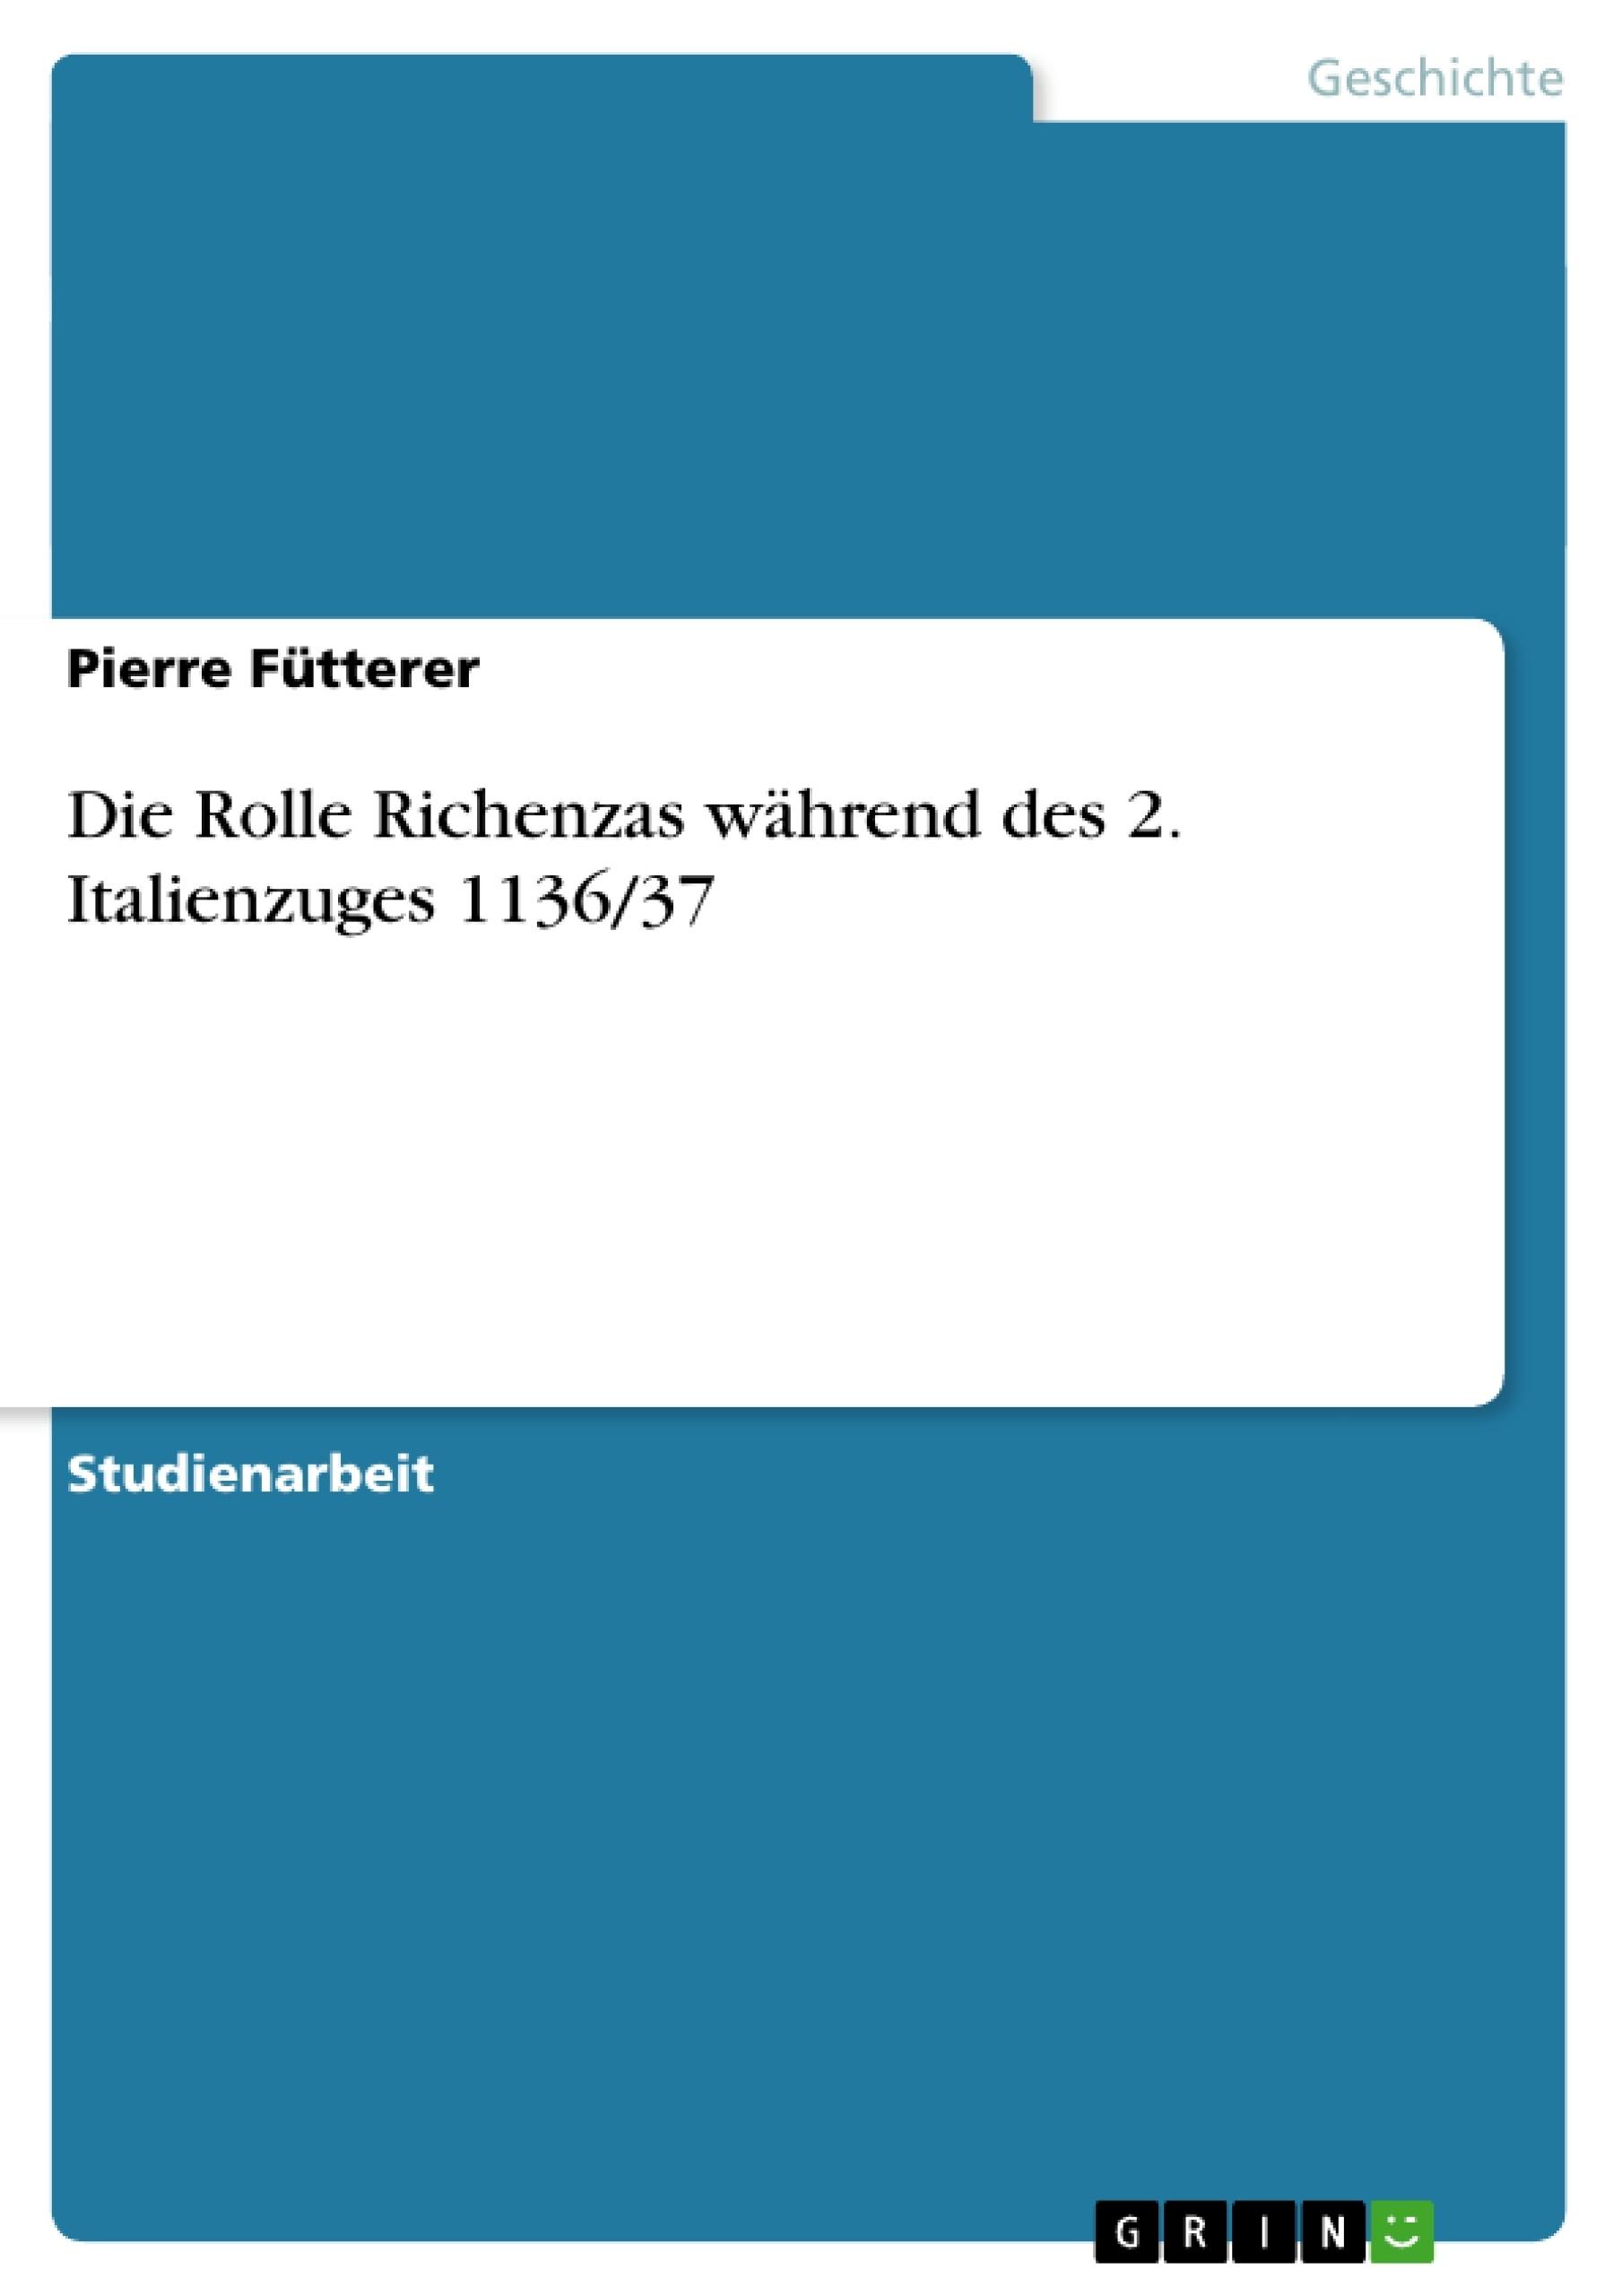 Titel: Die Rolle Richenzas während des 2. Italienzuges 1136/37